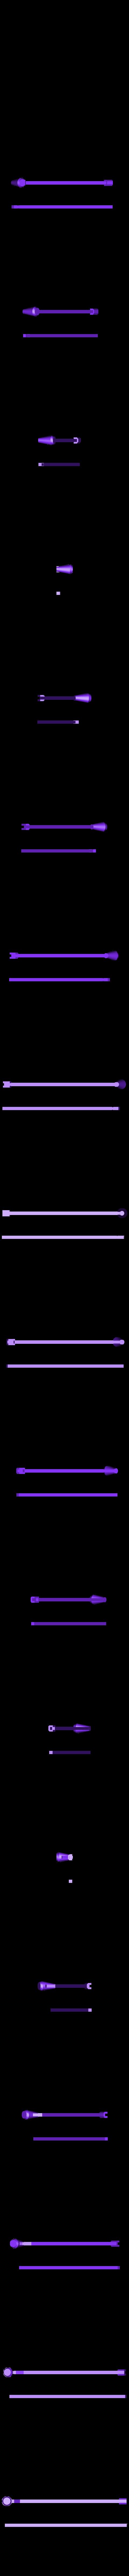 magnetometer.stl Télécharger fichier STL gratuit Pionnier • Design pour impression 3D, Slagerqod